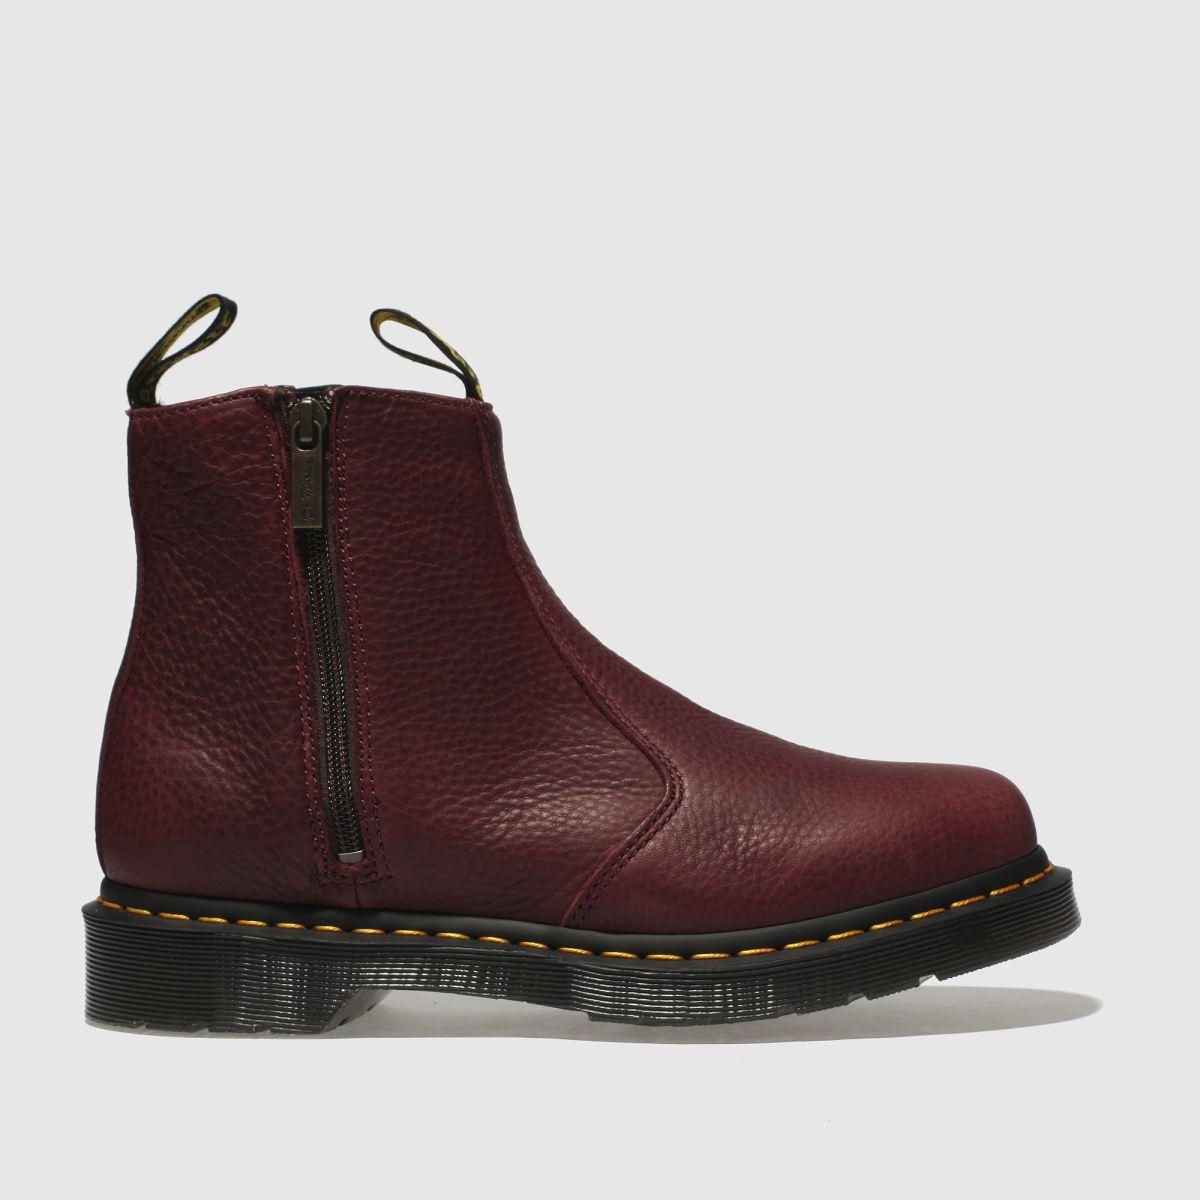 Dr Martens Burgundy 2976 Zip Chelsea Boots